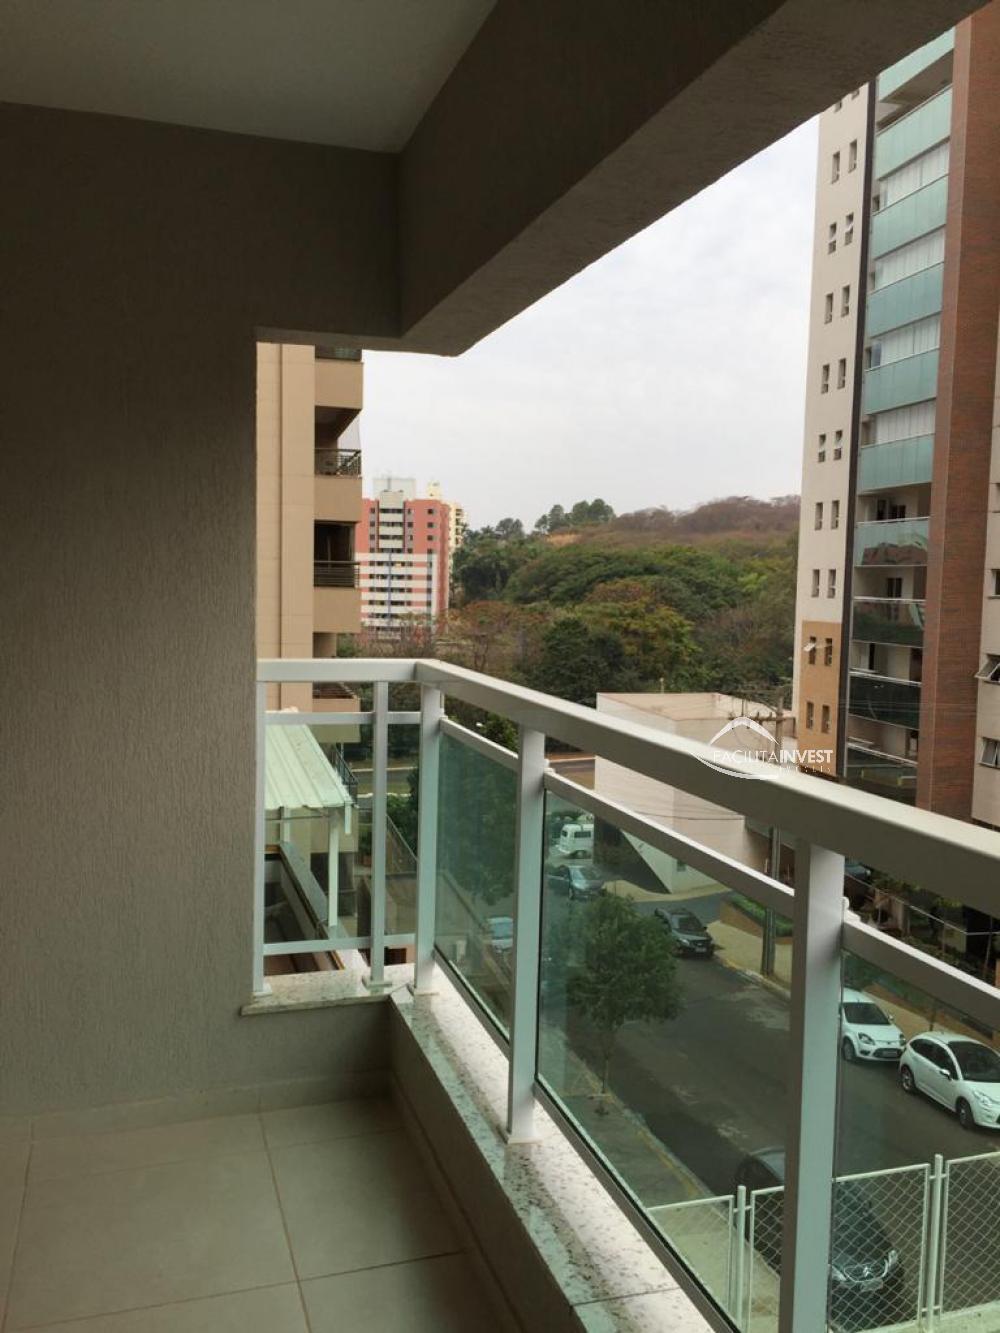 Alugar Apartamentos / Apart. Padrão em Ribeirão Preto R$ 1.900,00 - Foto 8